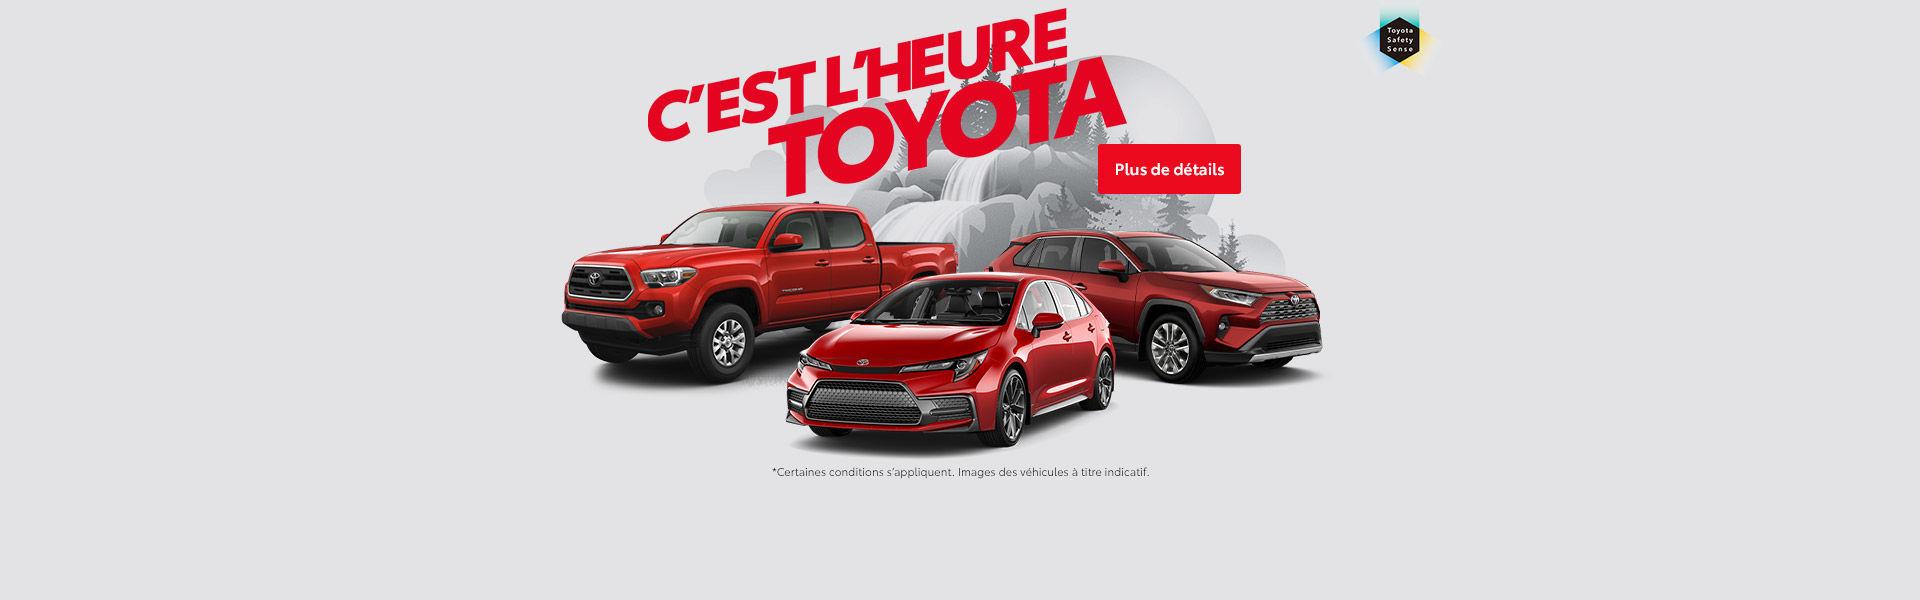 C'est l'heure de Toyota